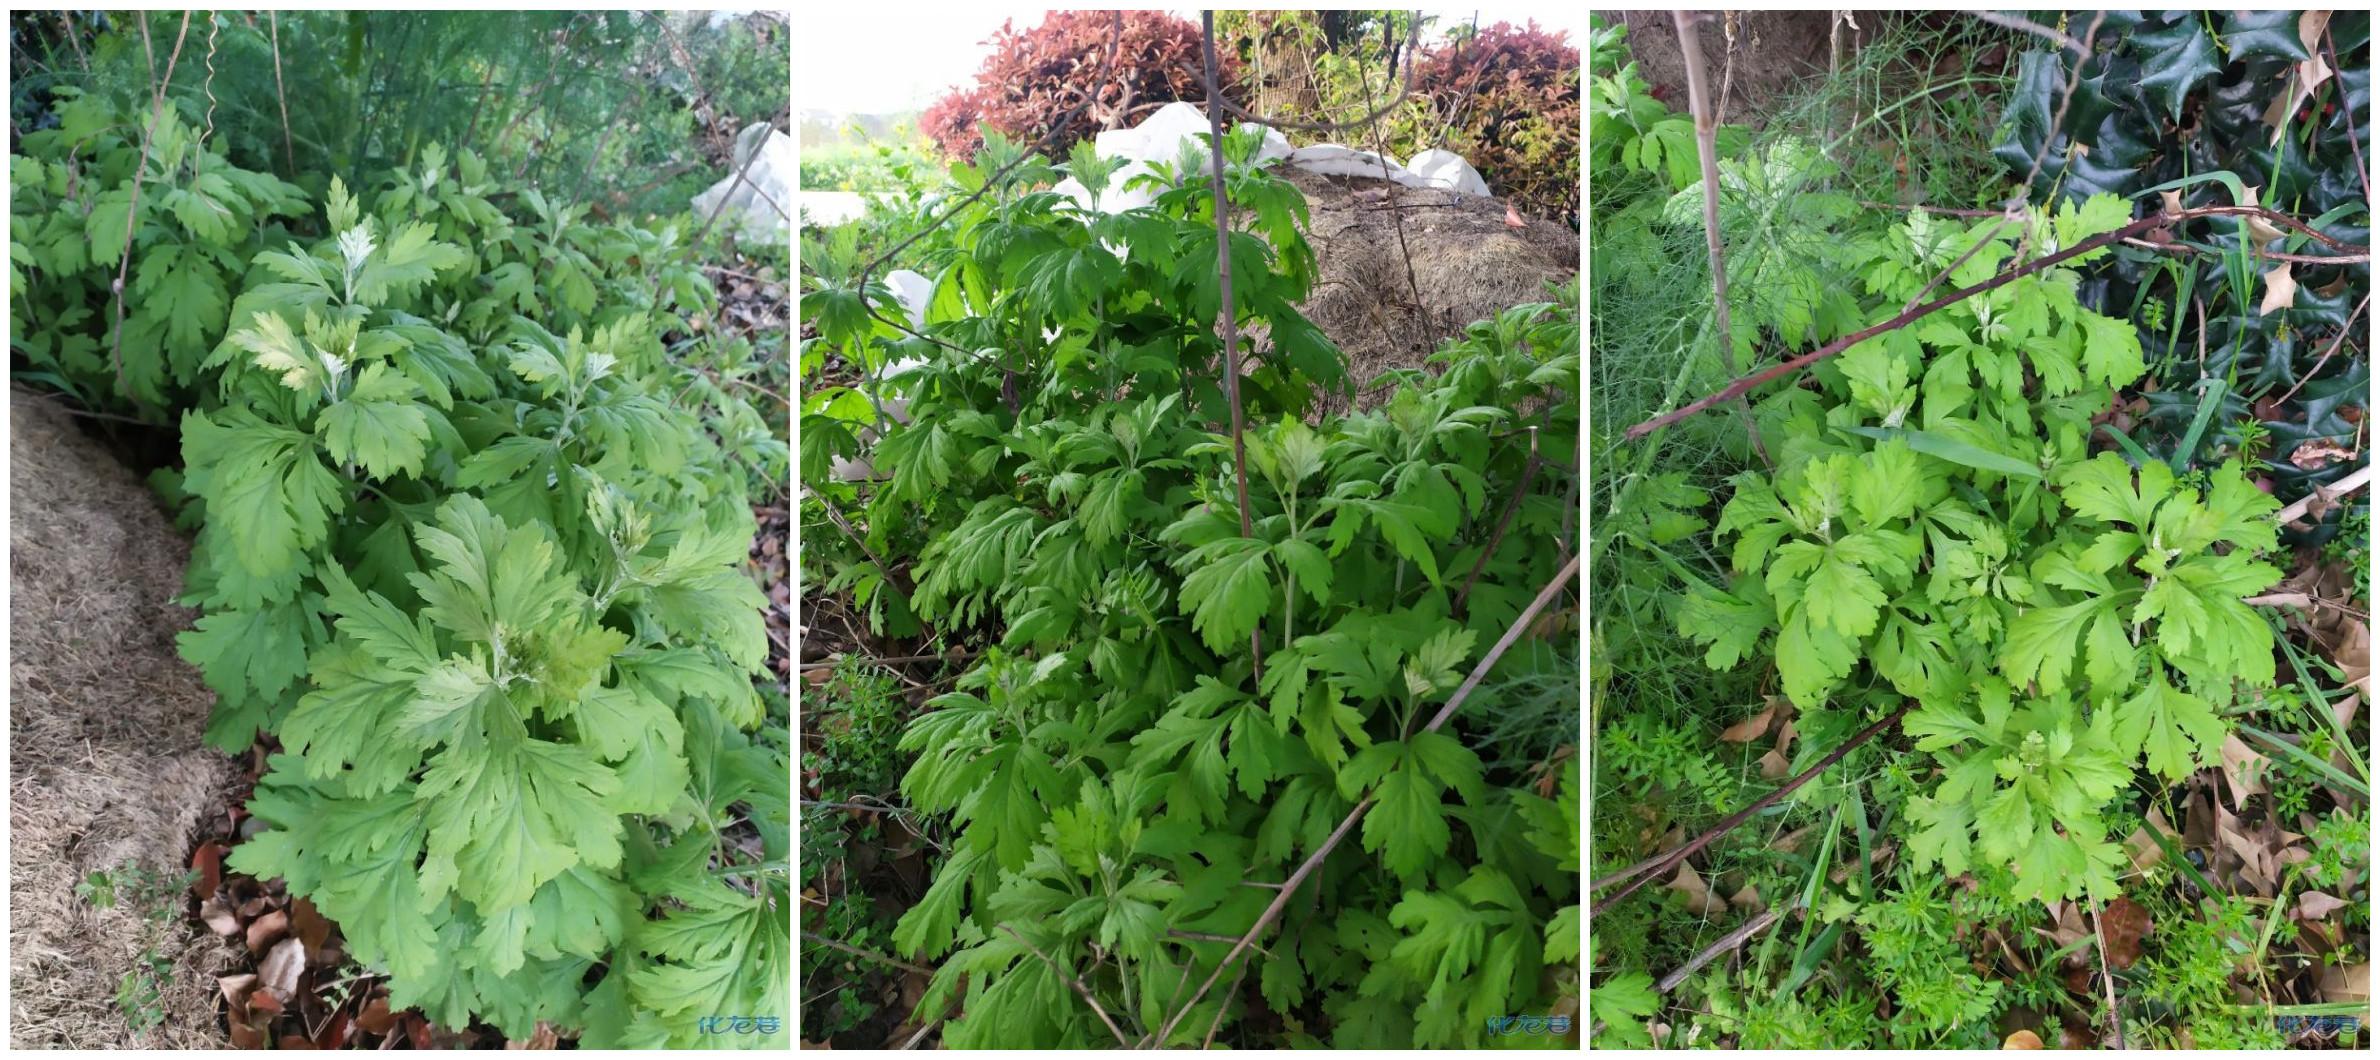 又是一年清明时,去年种的艾草也长出来了